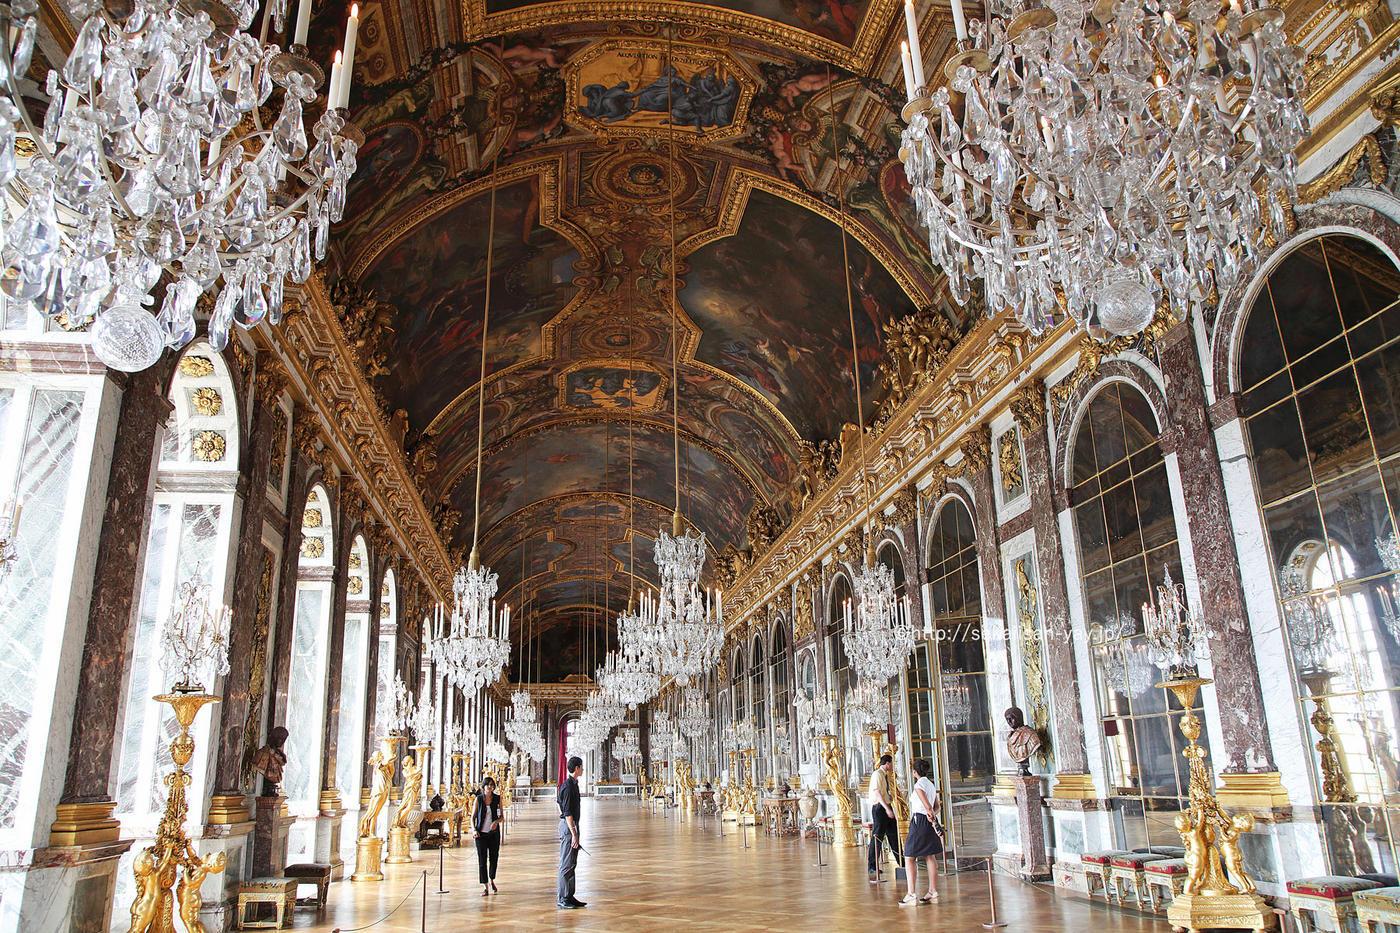 フランスの世界遺産「ヴェルサイユの宮殿と庭園」鏡の間